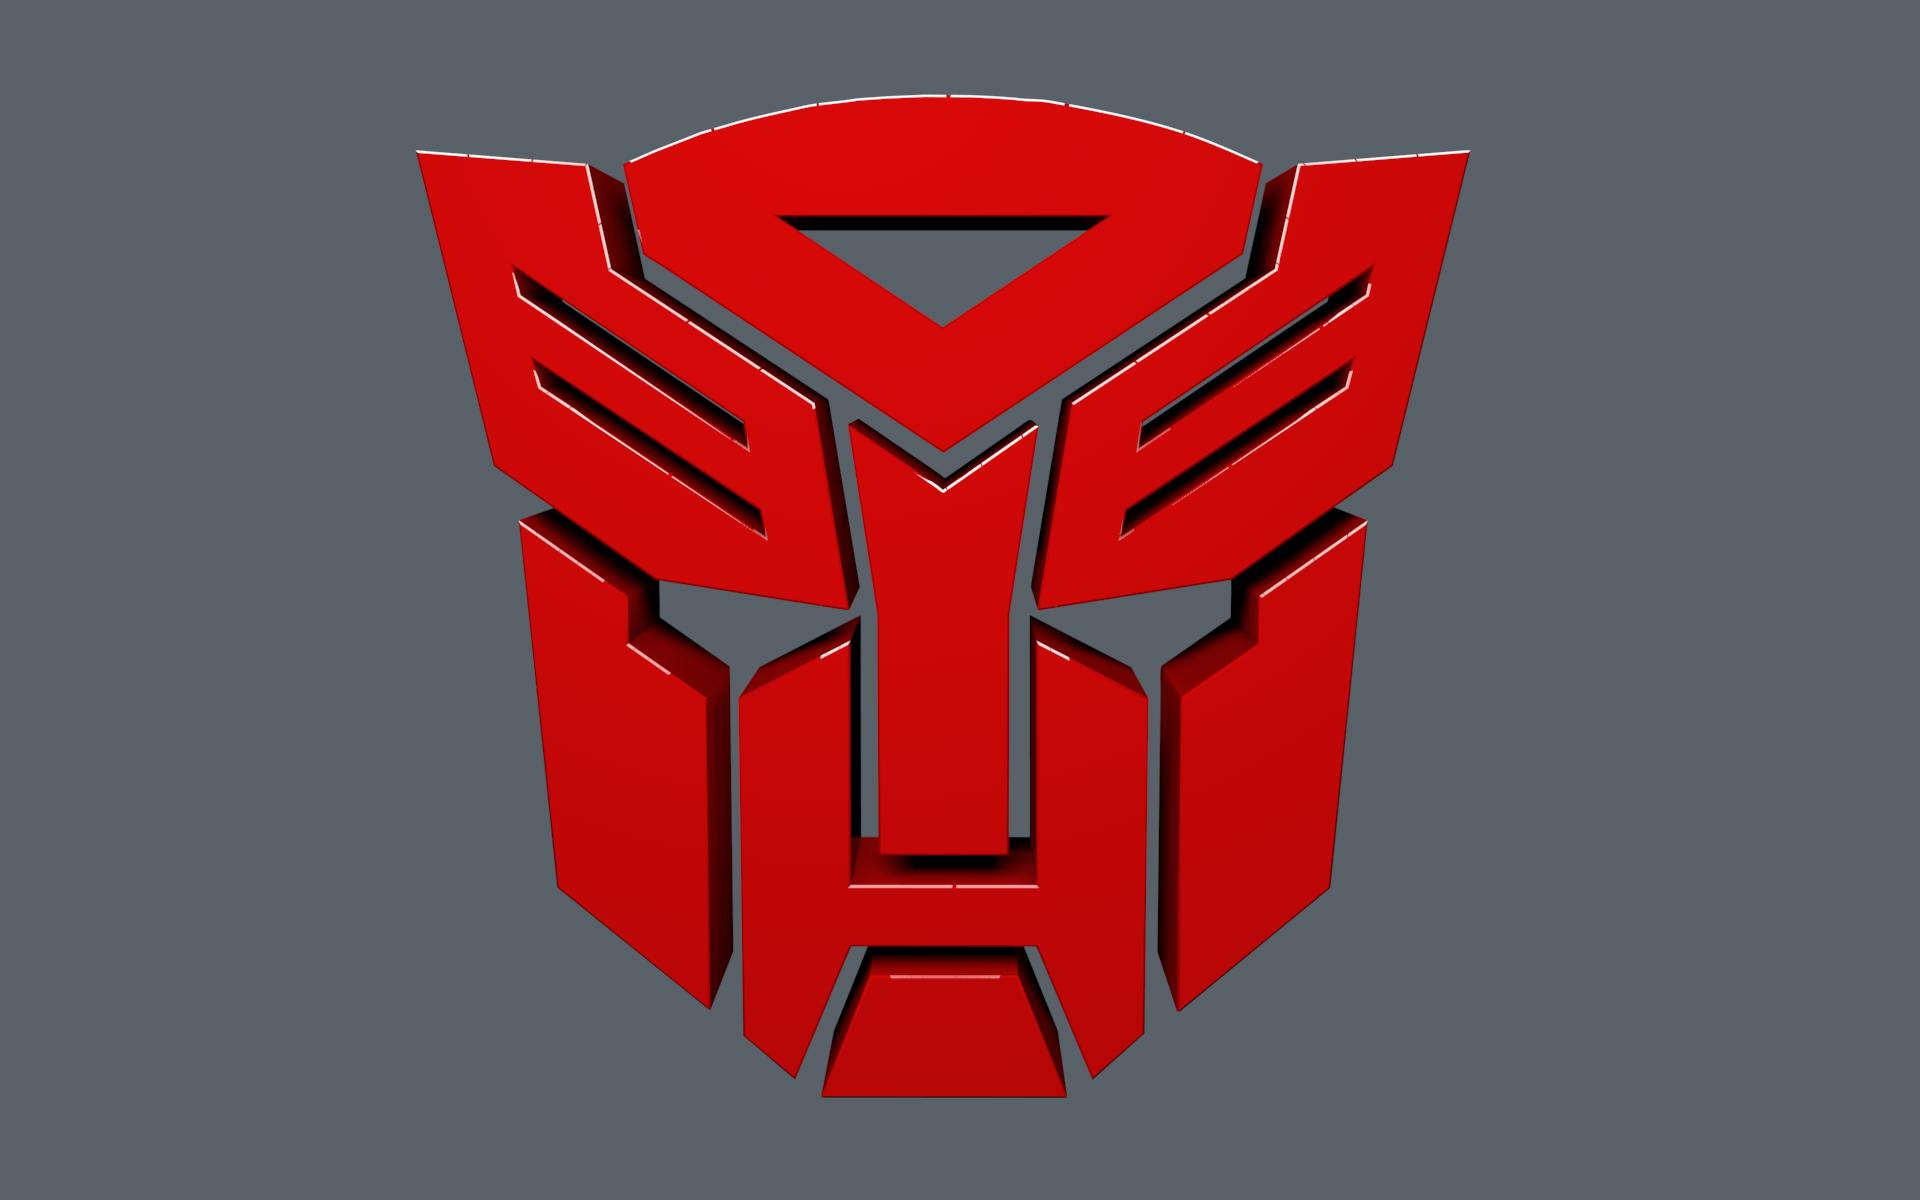 Autobot-Transformers V2-Transparent - 435.5KB